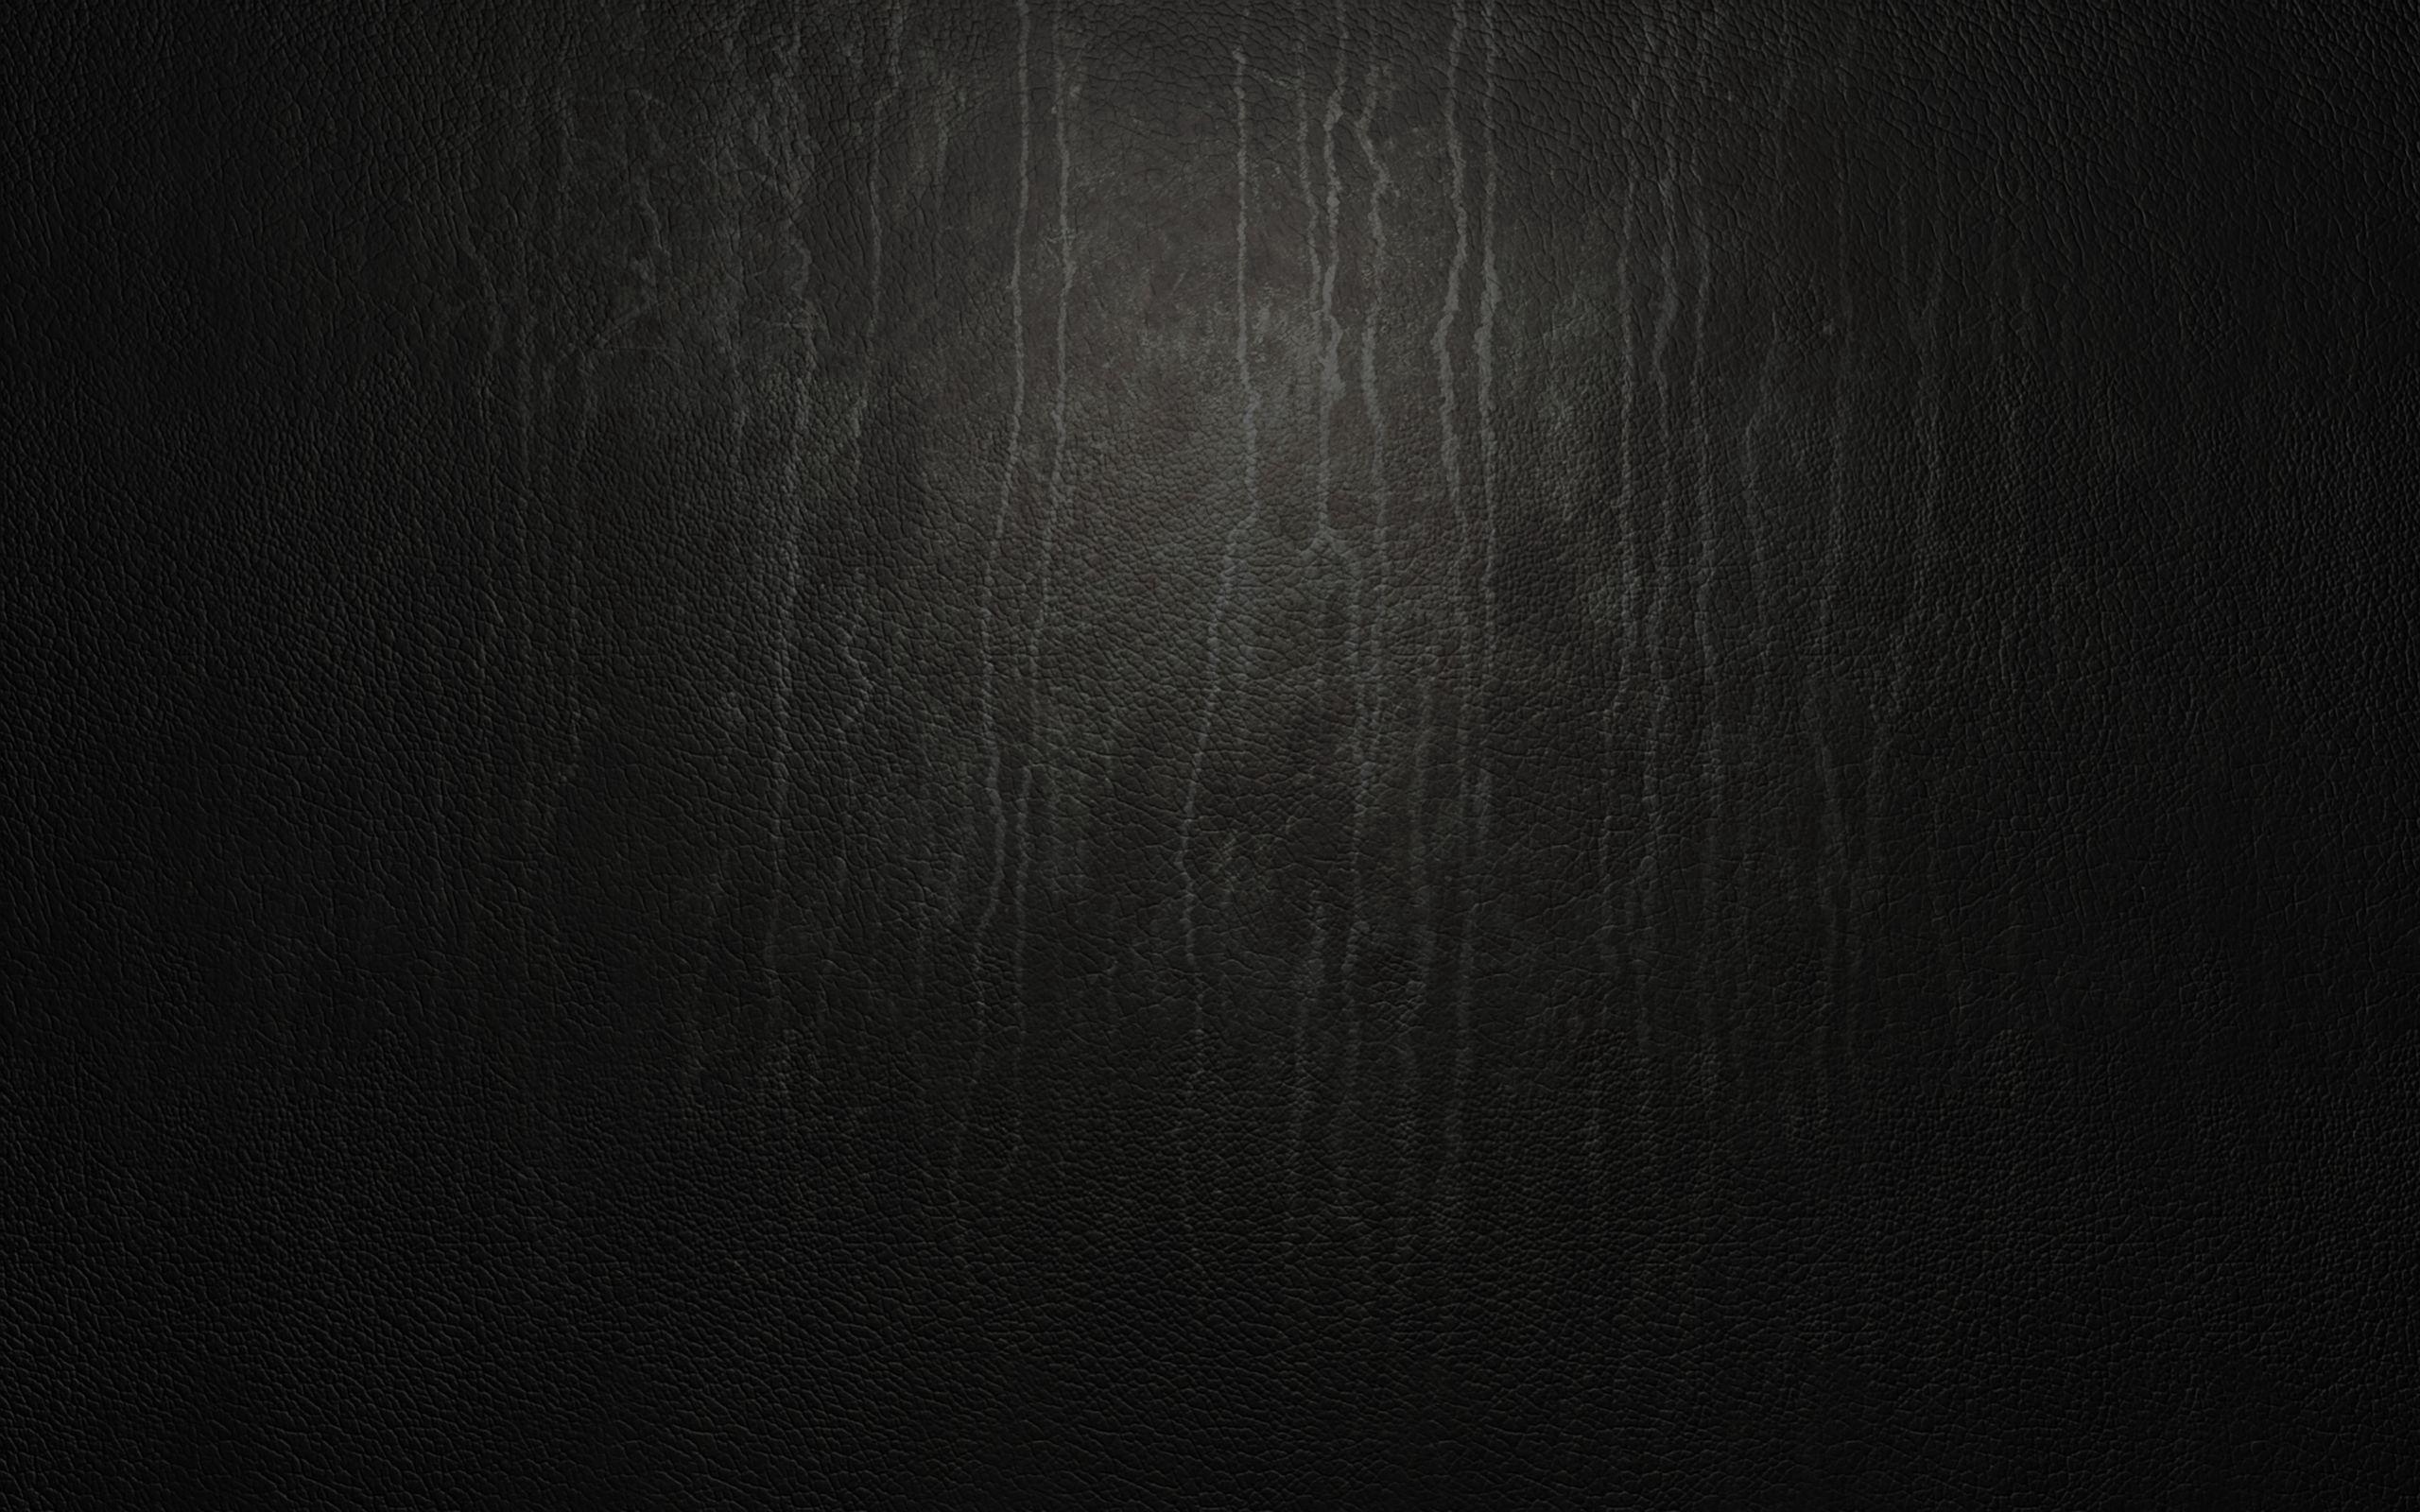 72789 Заставки и Обои Капли на телефон. Скачать Текстуры, Кожаный, Поверхность, Капли, Линии картинки бесплатно